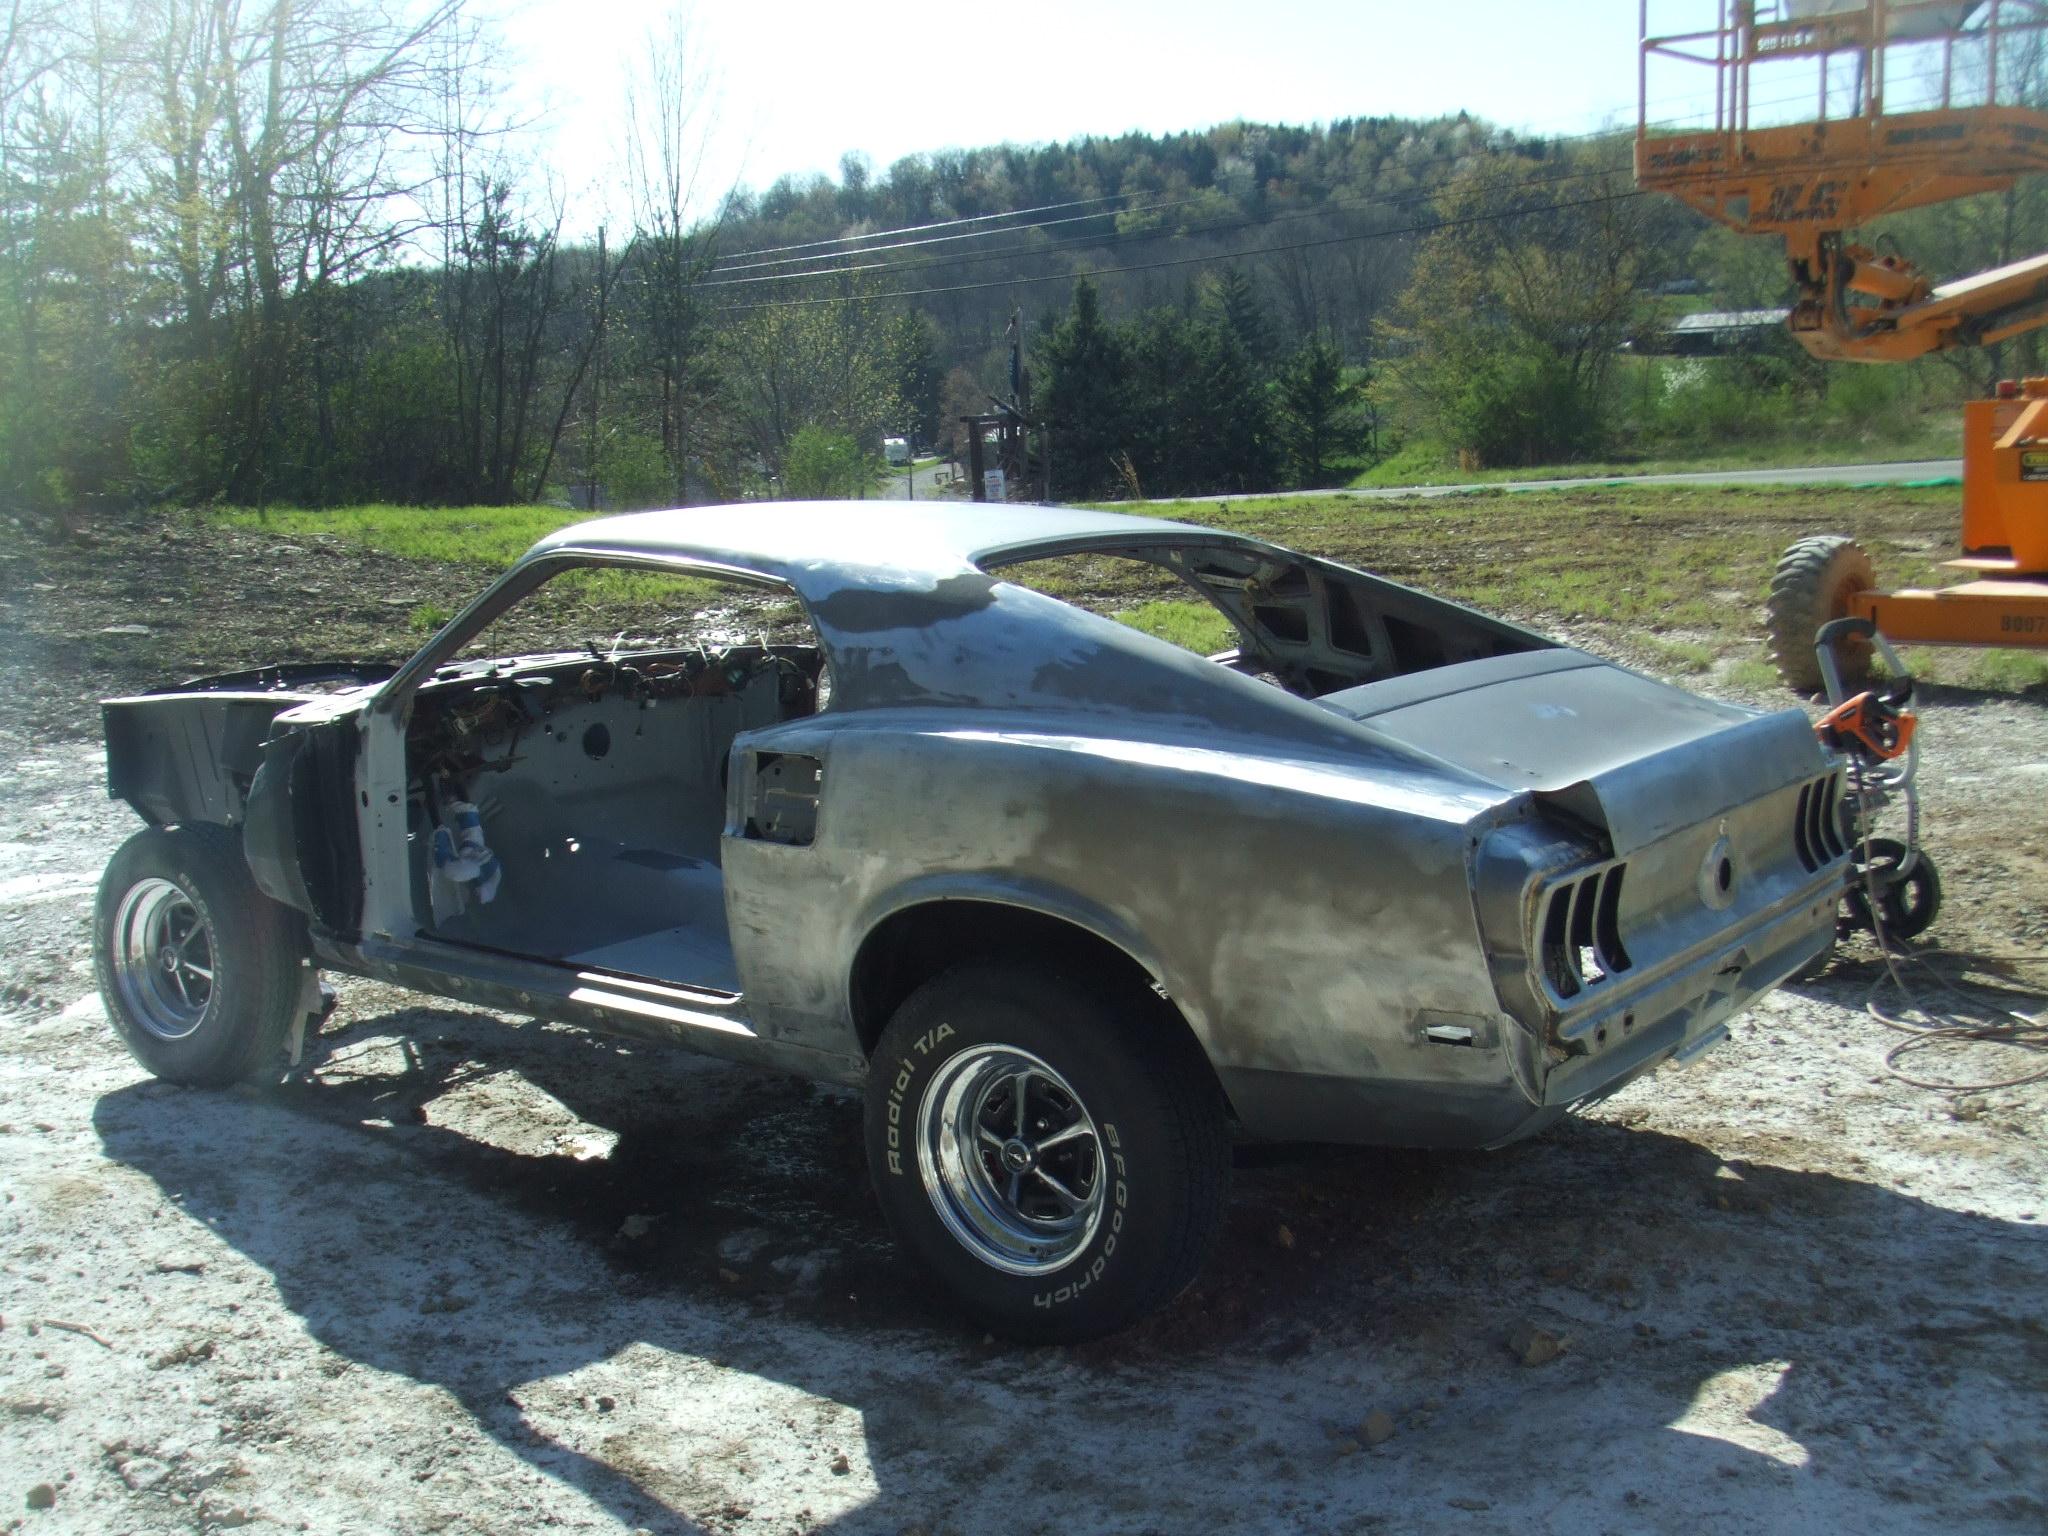 69 Mustang Mach 1 A